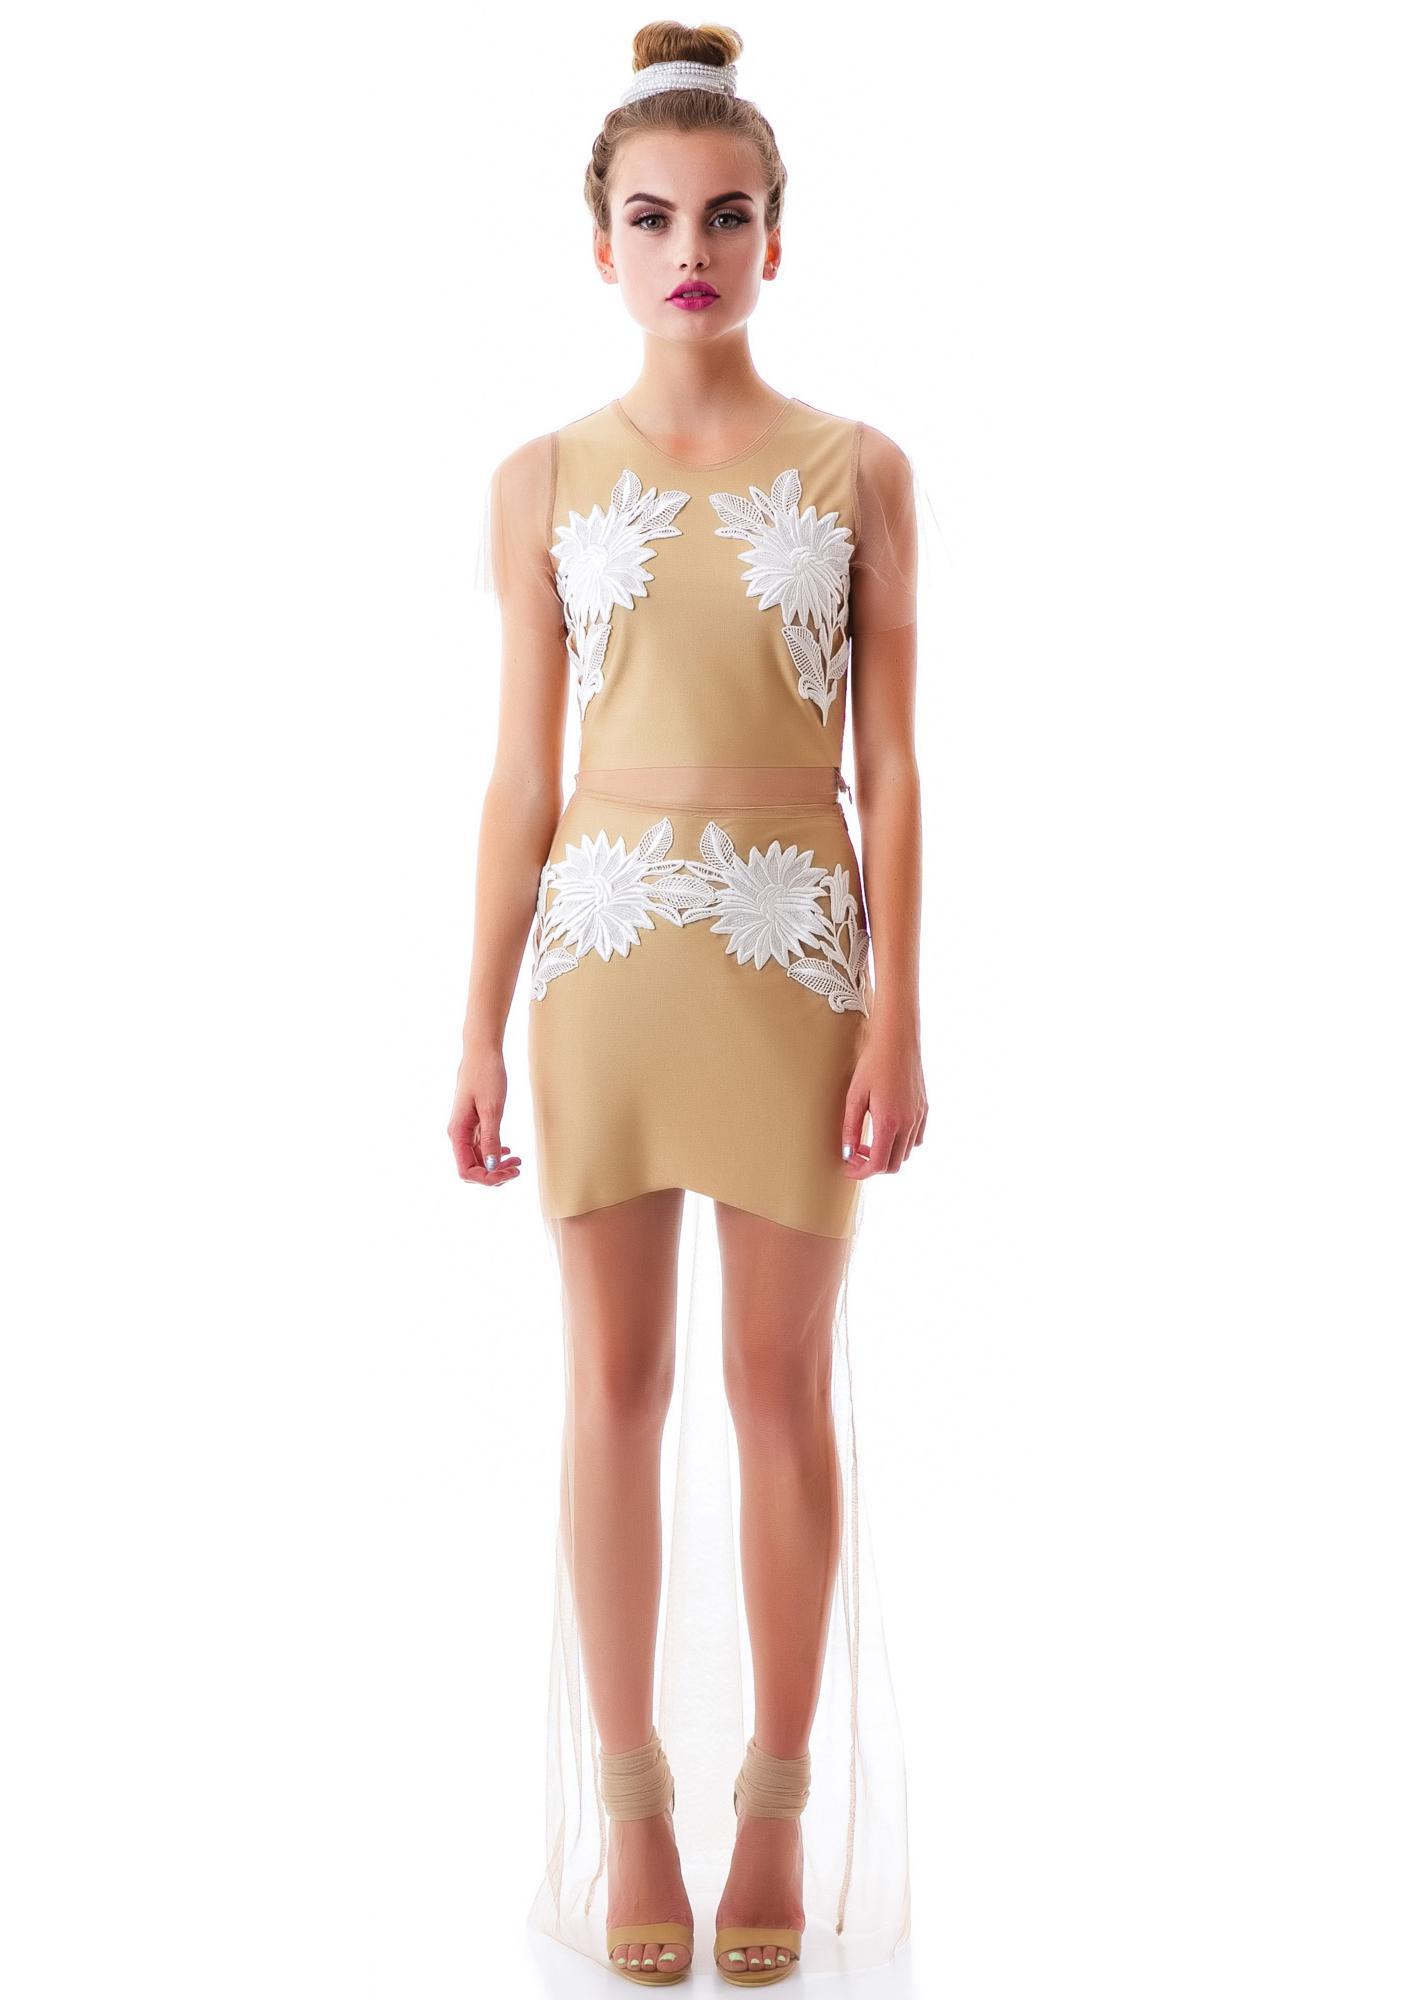 For Love & Lemons Balmy Nights Skirt